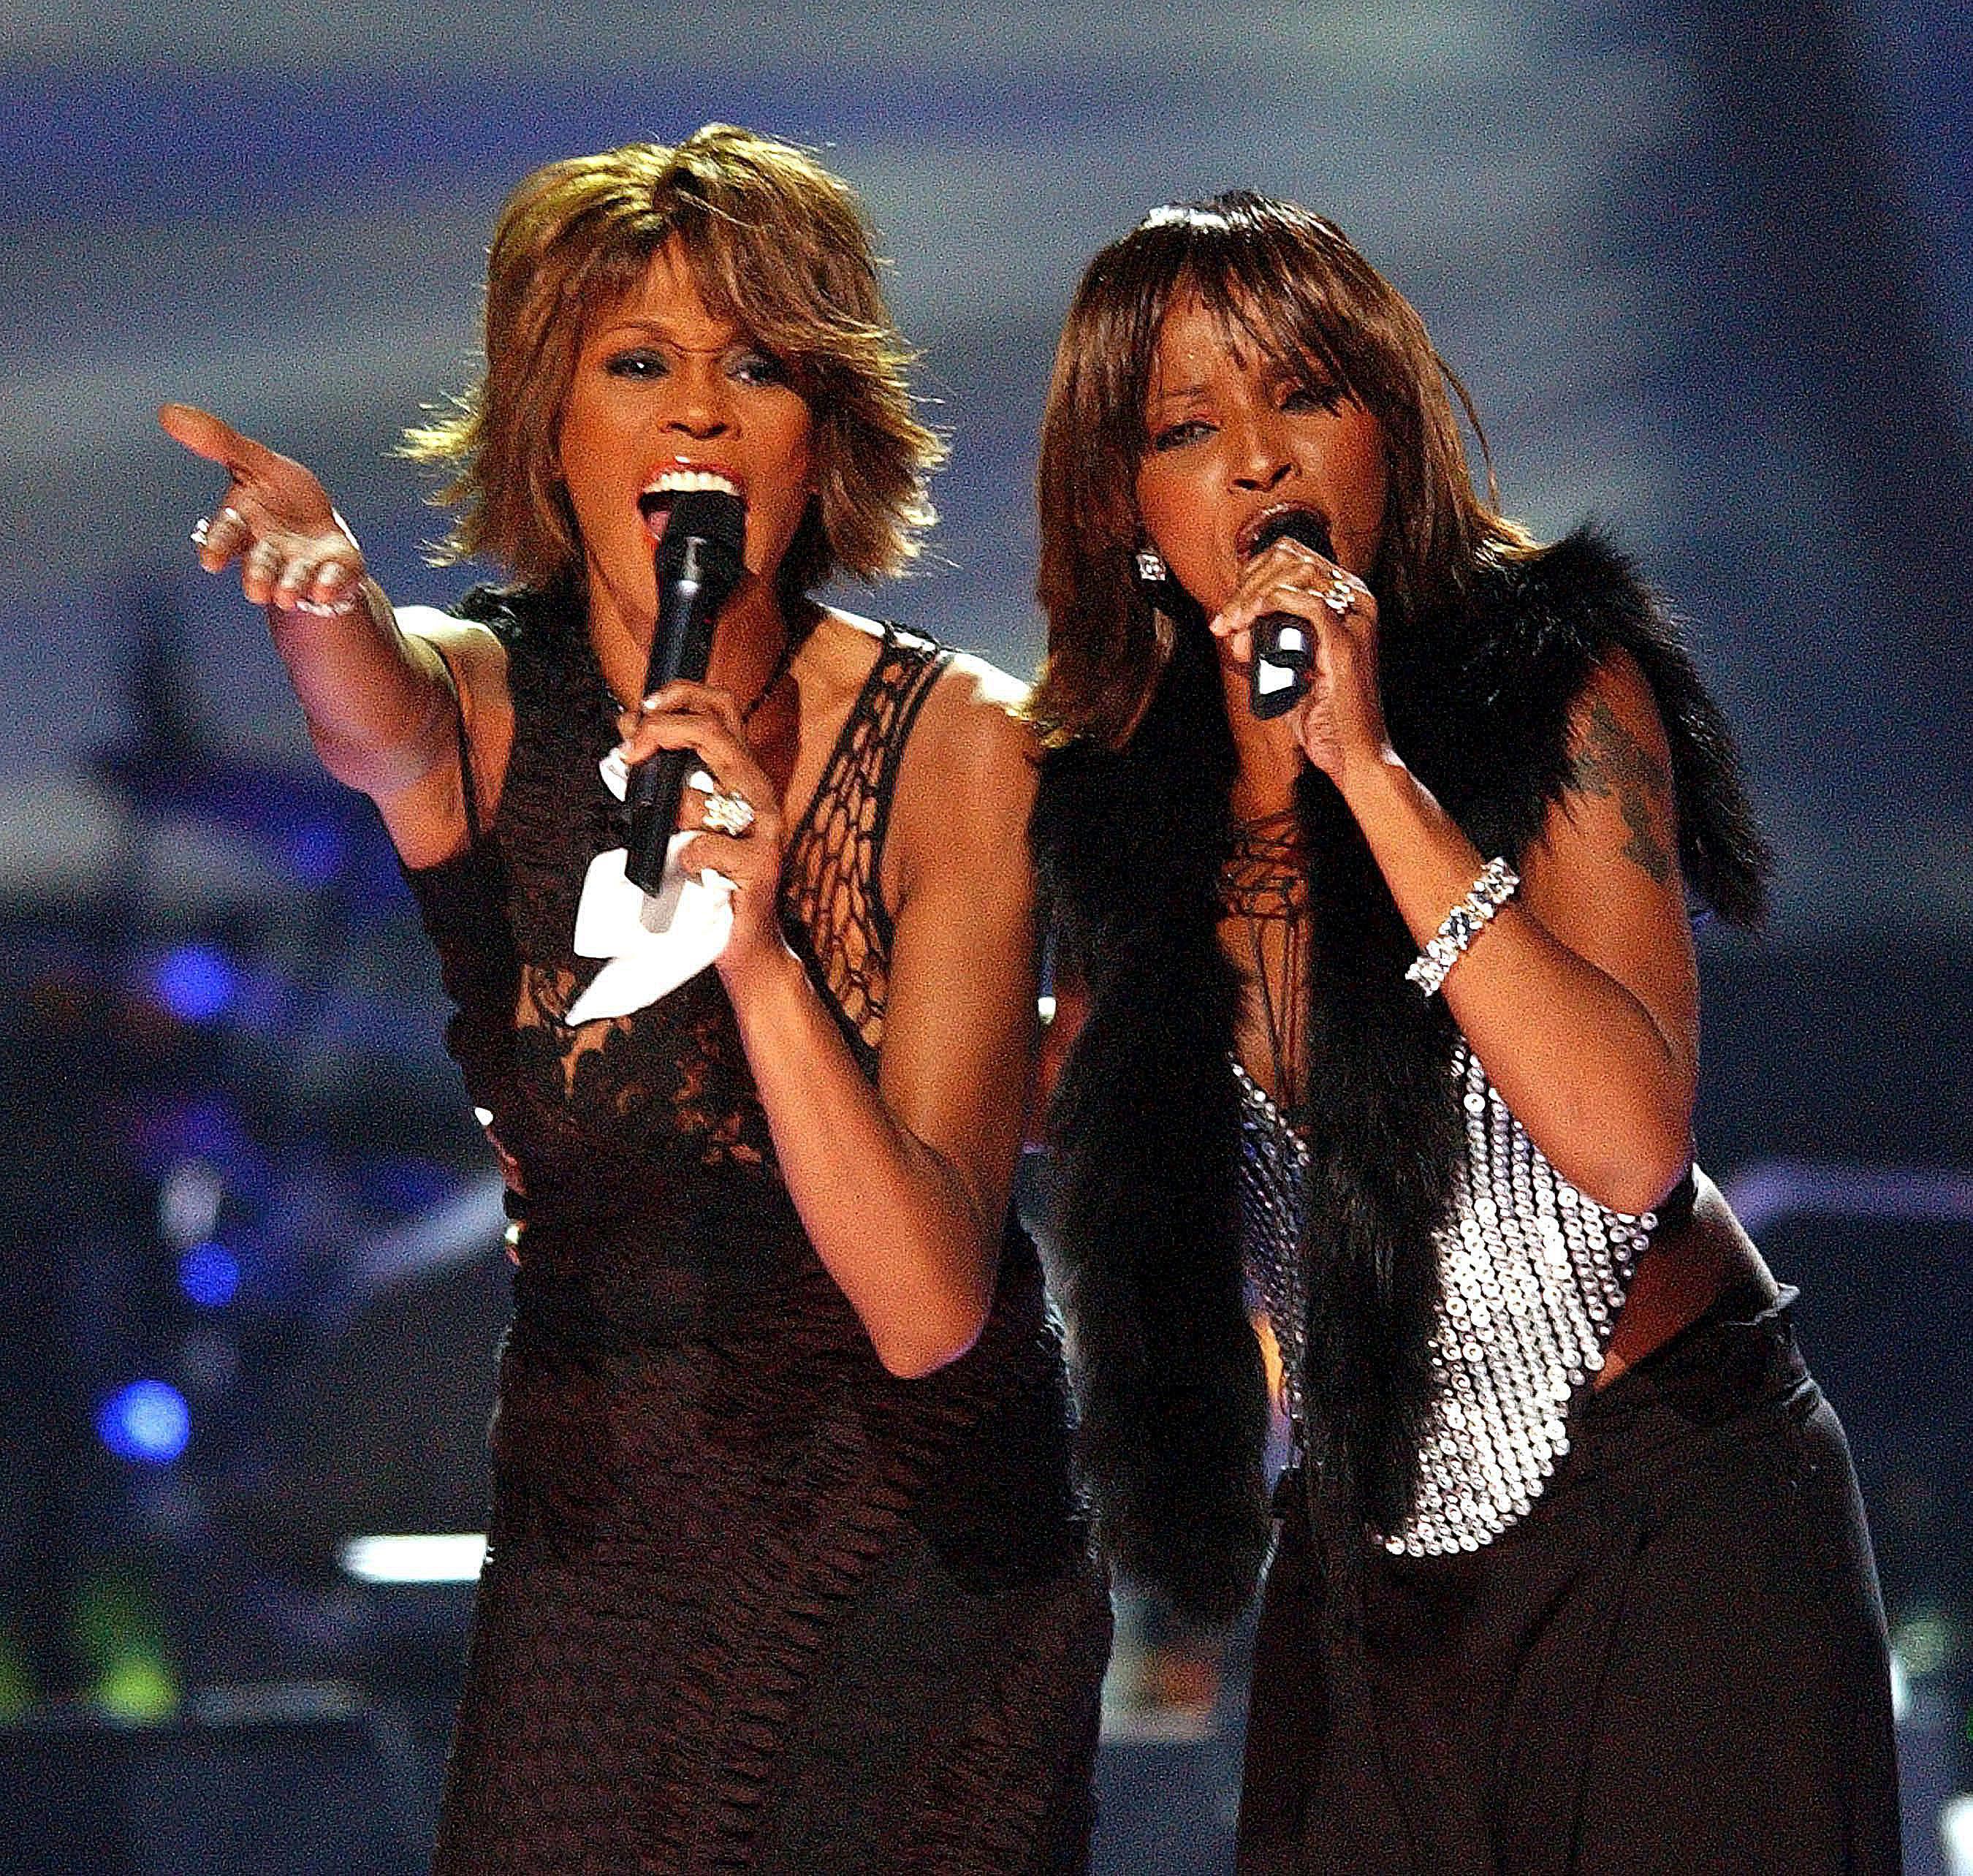 Whitney Houston and Mary J. Blige